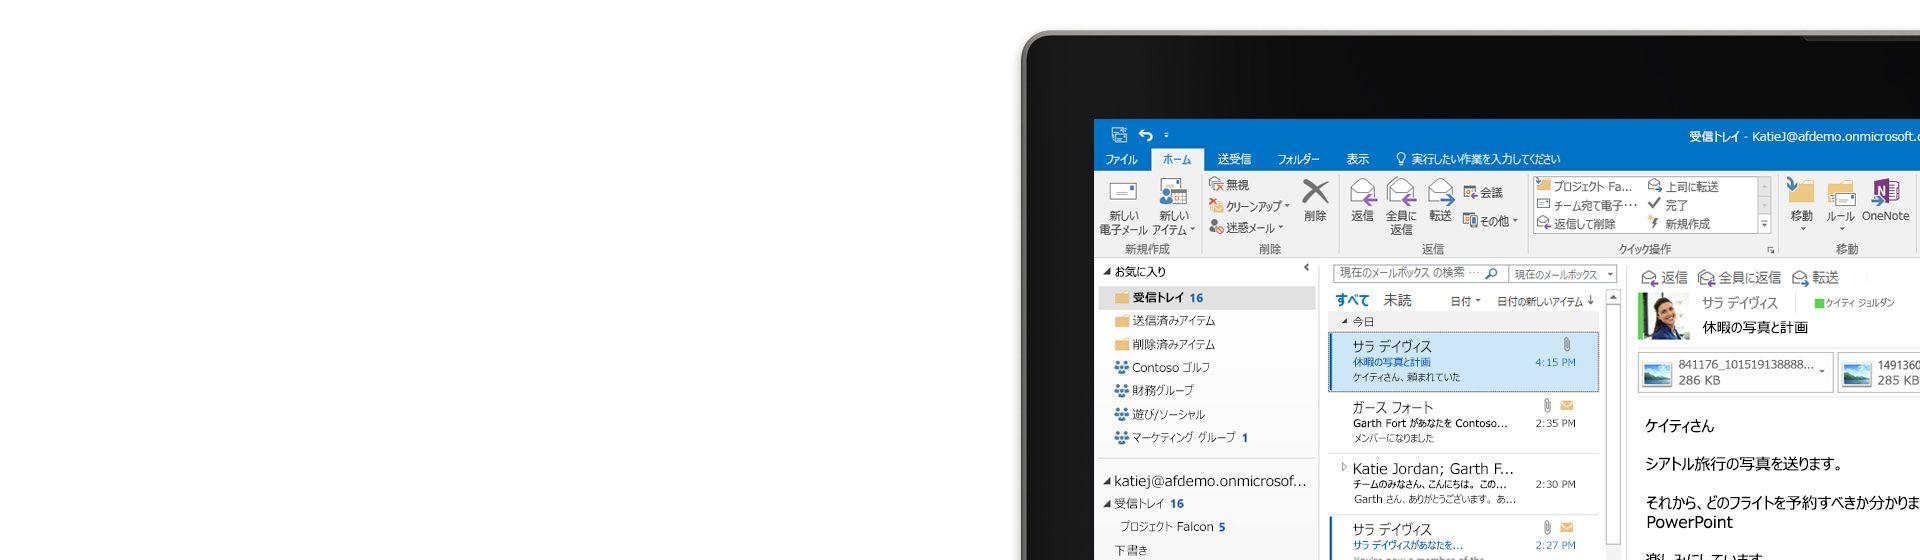 デスクトップ版 Microsoft Outlook の一部分が表示されています